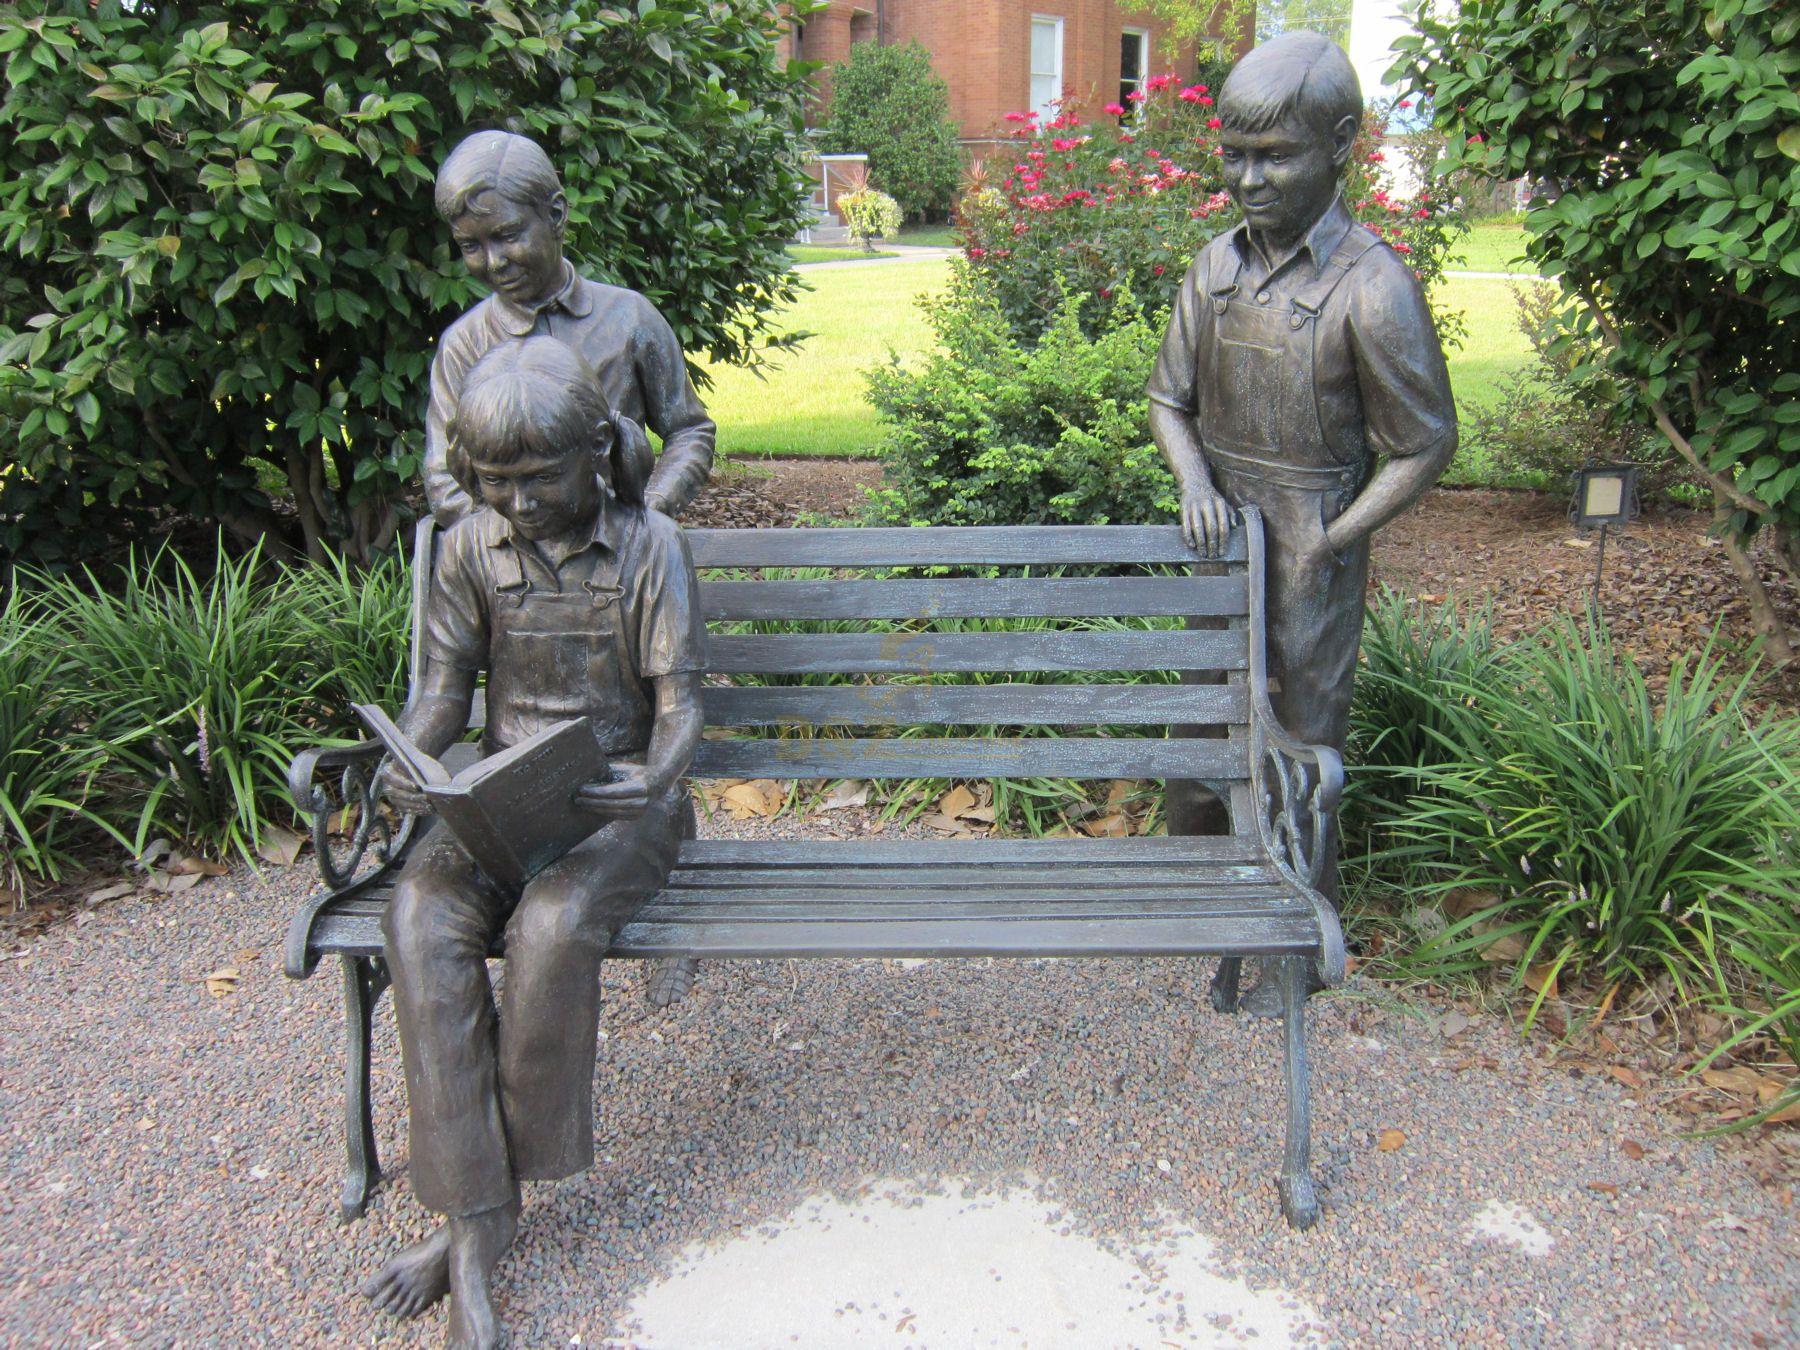 Garden Statue Life Size Bronze Chirldren Reading On Bench Sculptures